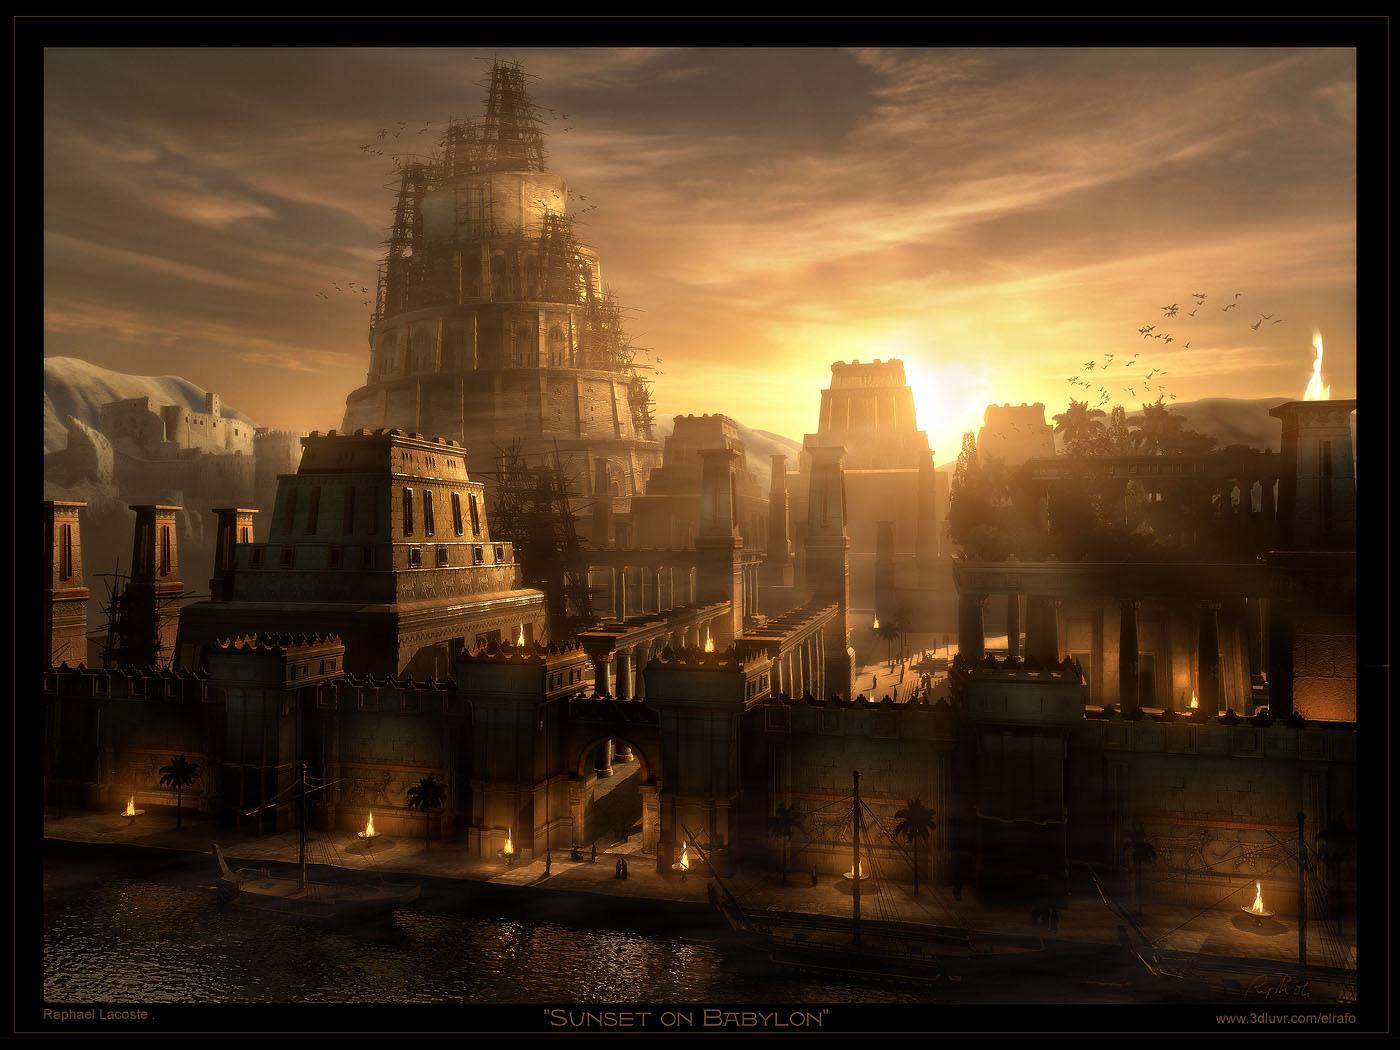 http://1.bp.blogspot.com/_1VpiCUX7uVU/TJTsLL0KbQI/AAAAAAAAKJo/mZKptuw0xbQ/s1600/Sunset%20on%20Babylon.jpg